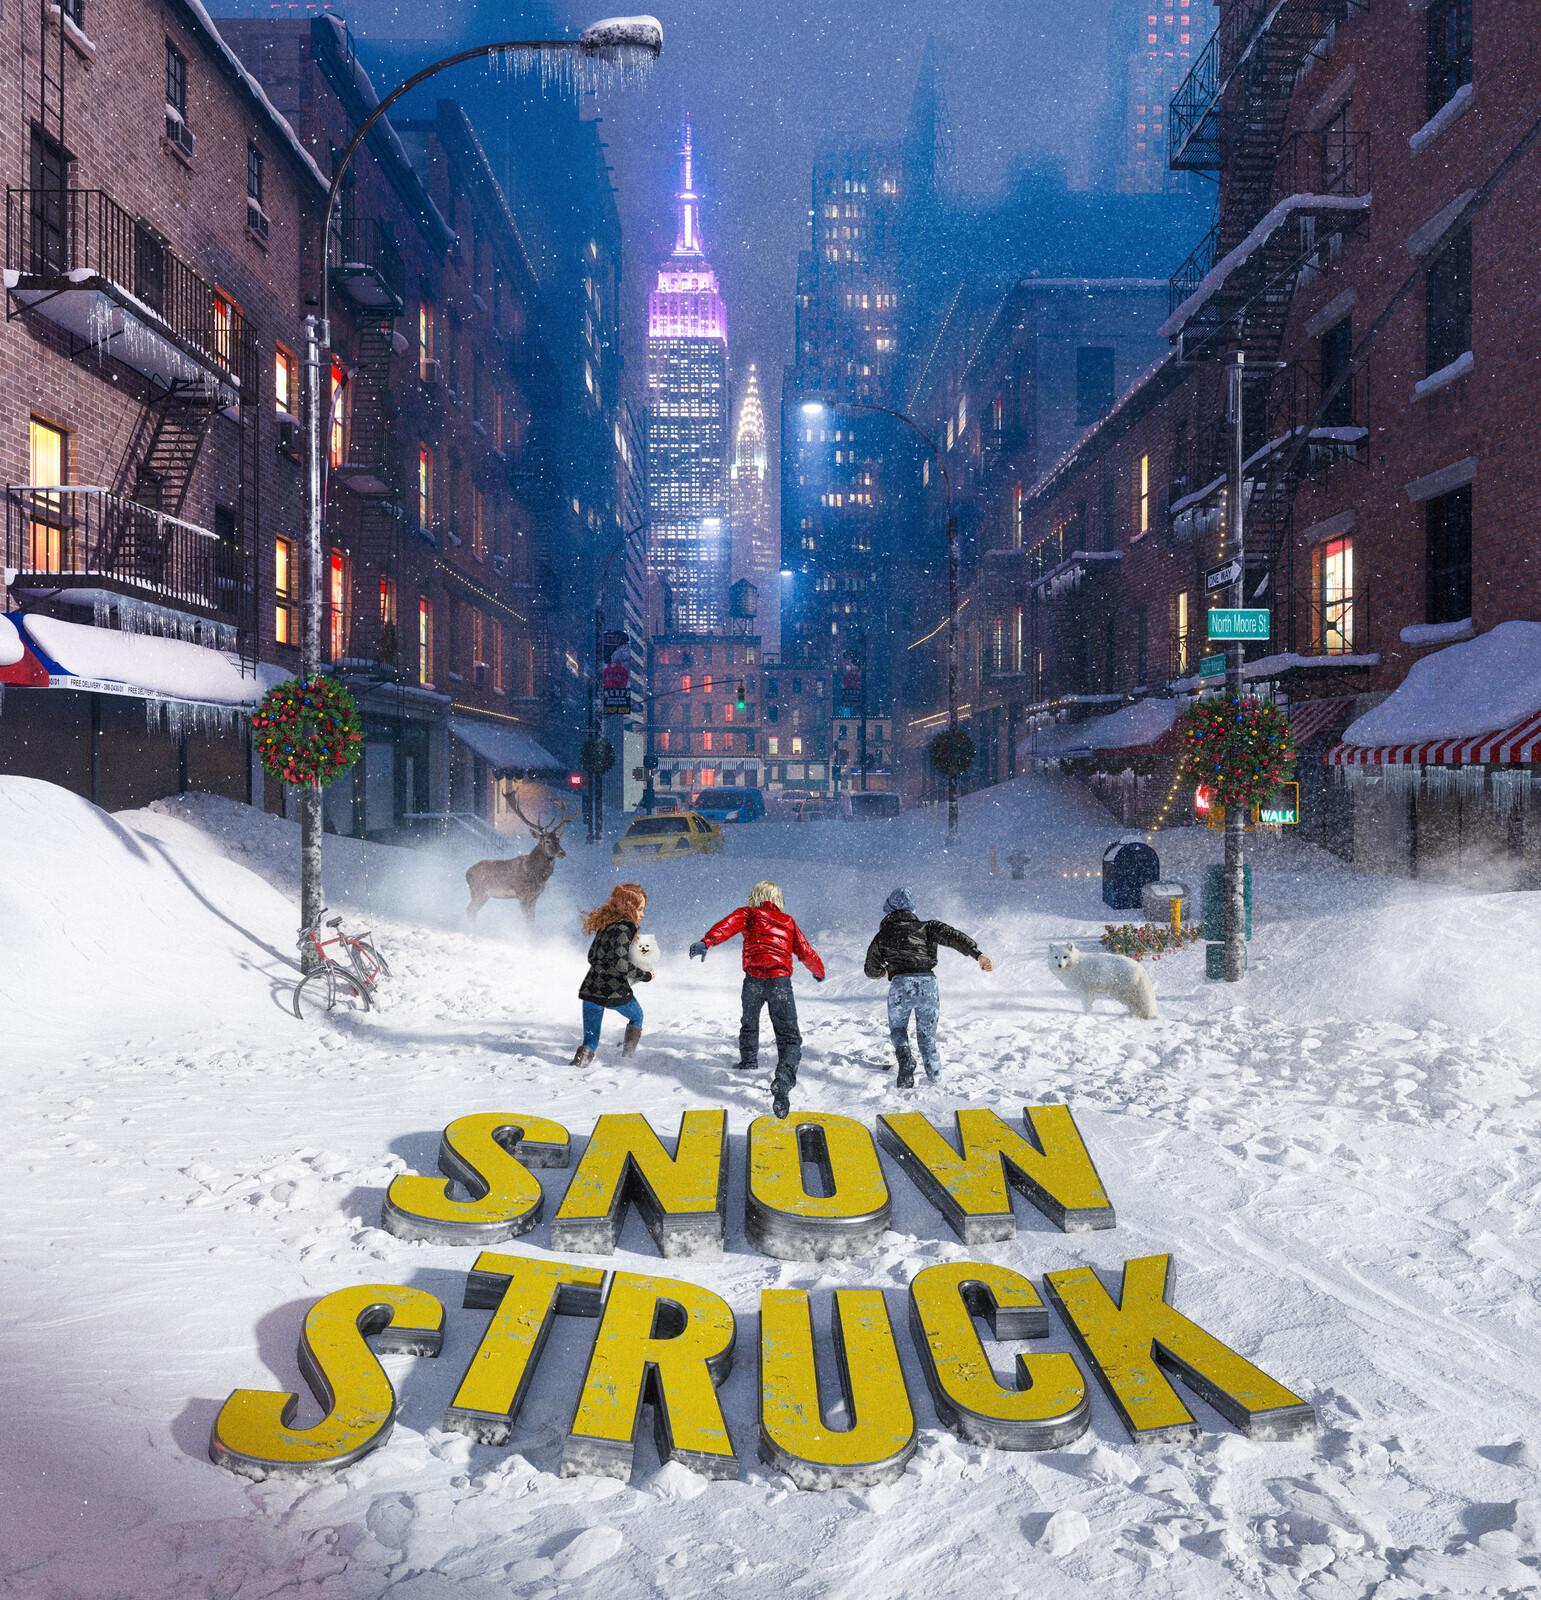 Snow Struck